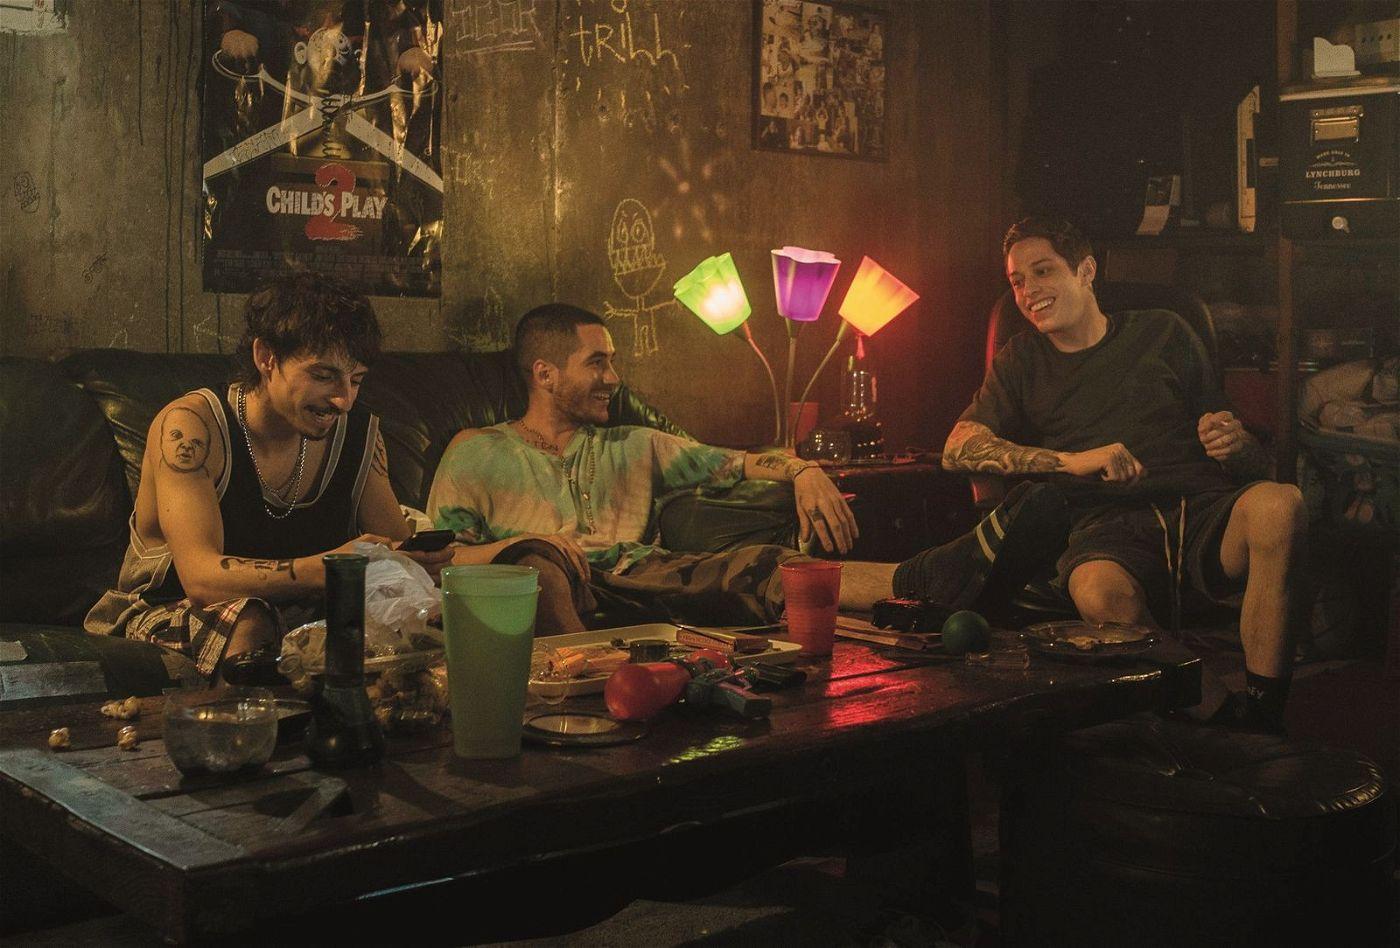 In einem Keller hängt Scott (Pete Davidson, rechts) mit seinen Kumpels Igor (Moises Arias, links) und Oscar (Ricky Velez) ab und konsumiert Drogen.